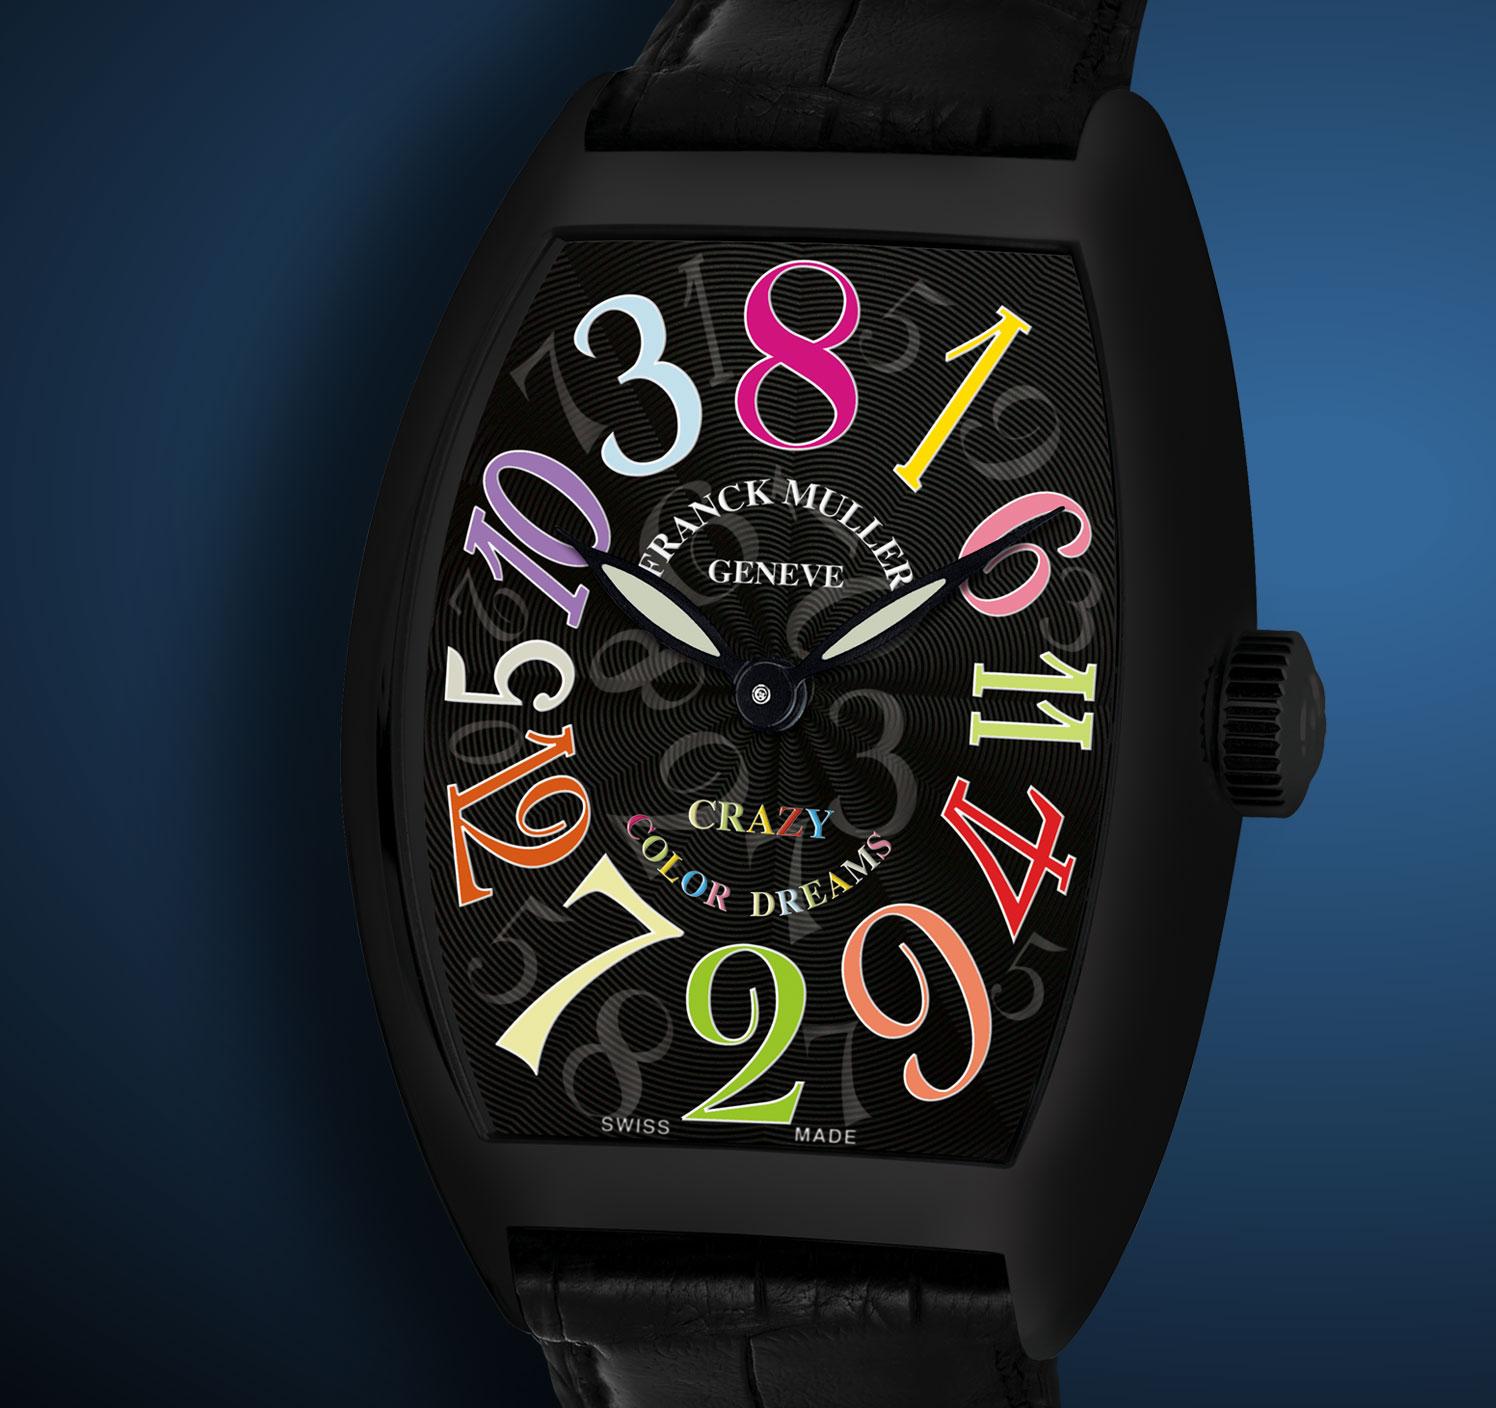 ���� Franck Muller Crazy Hours Color Dreams Black Stainless Steel